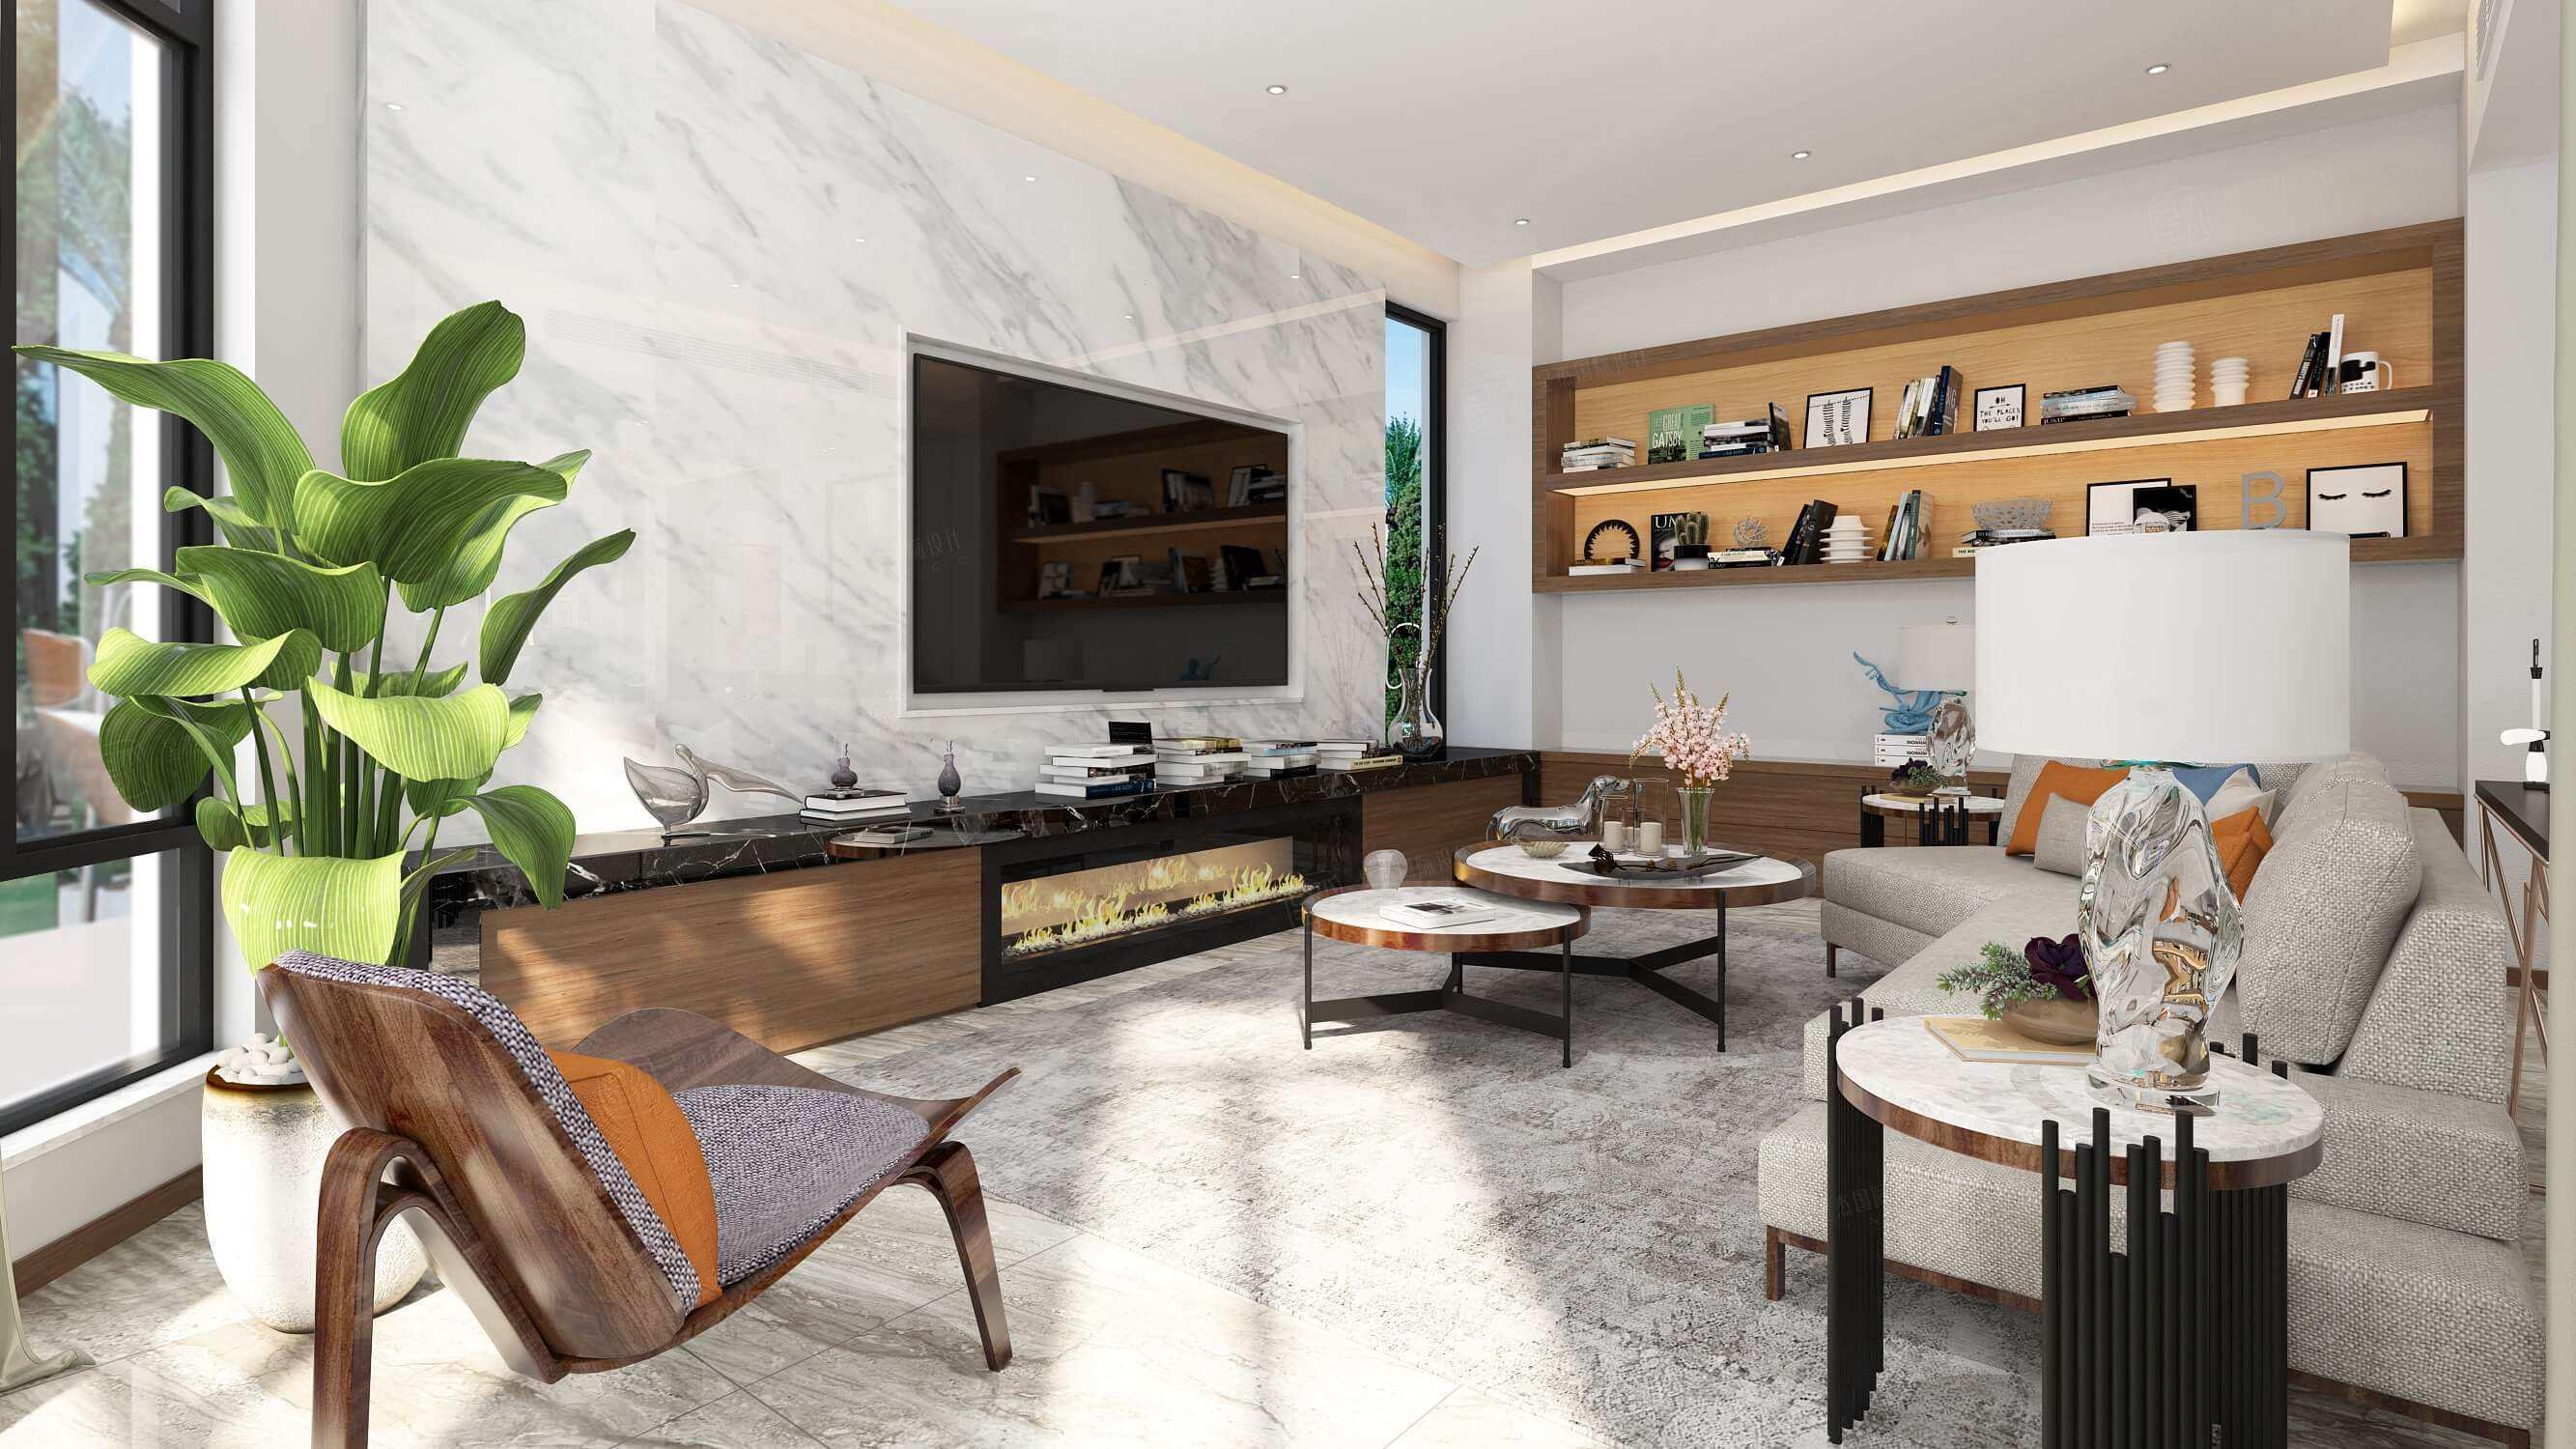 四季御庭 现代简约装修客厅效果图